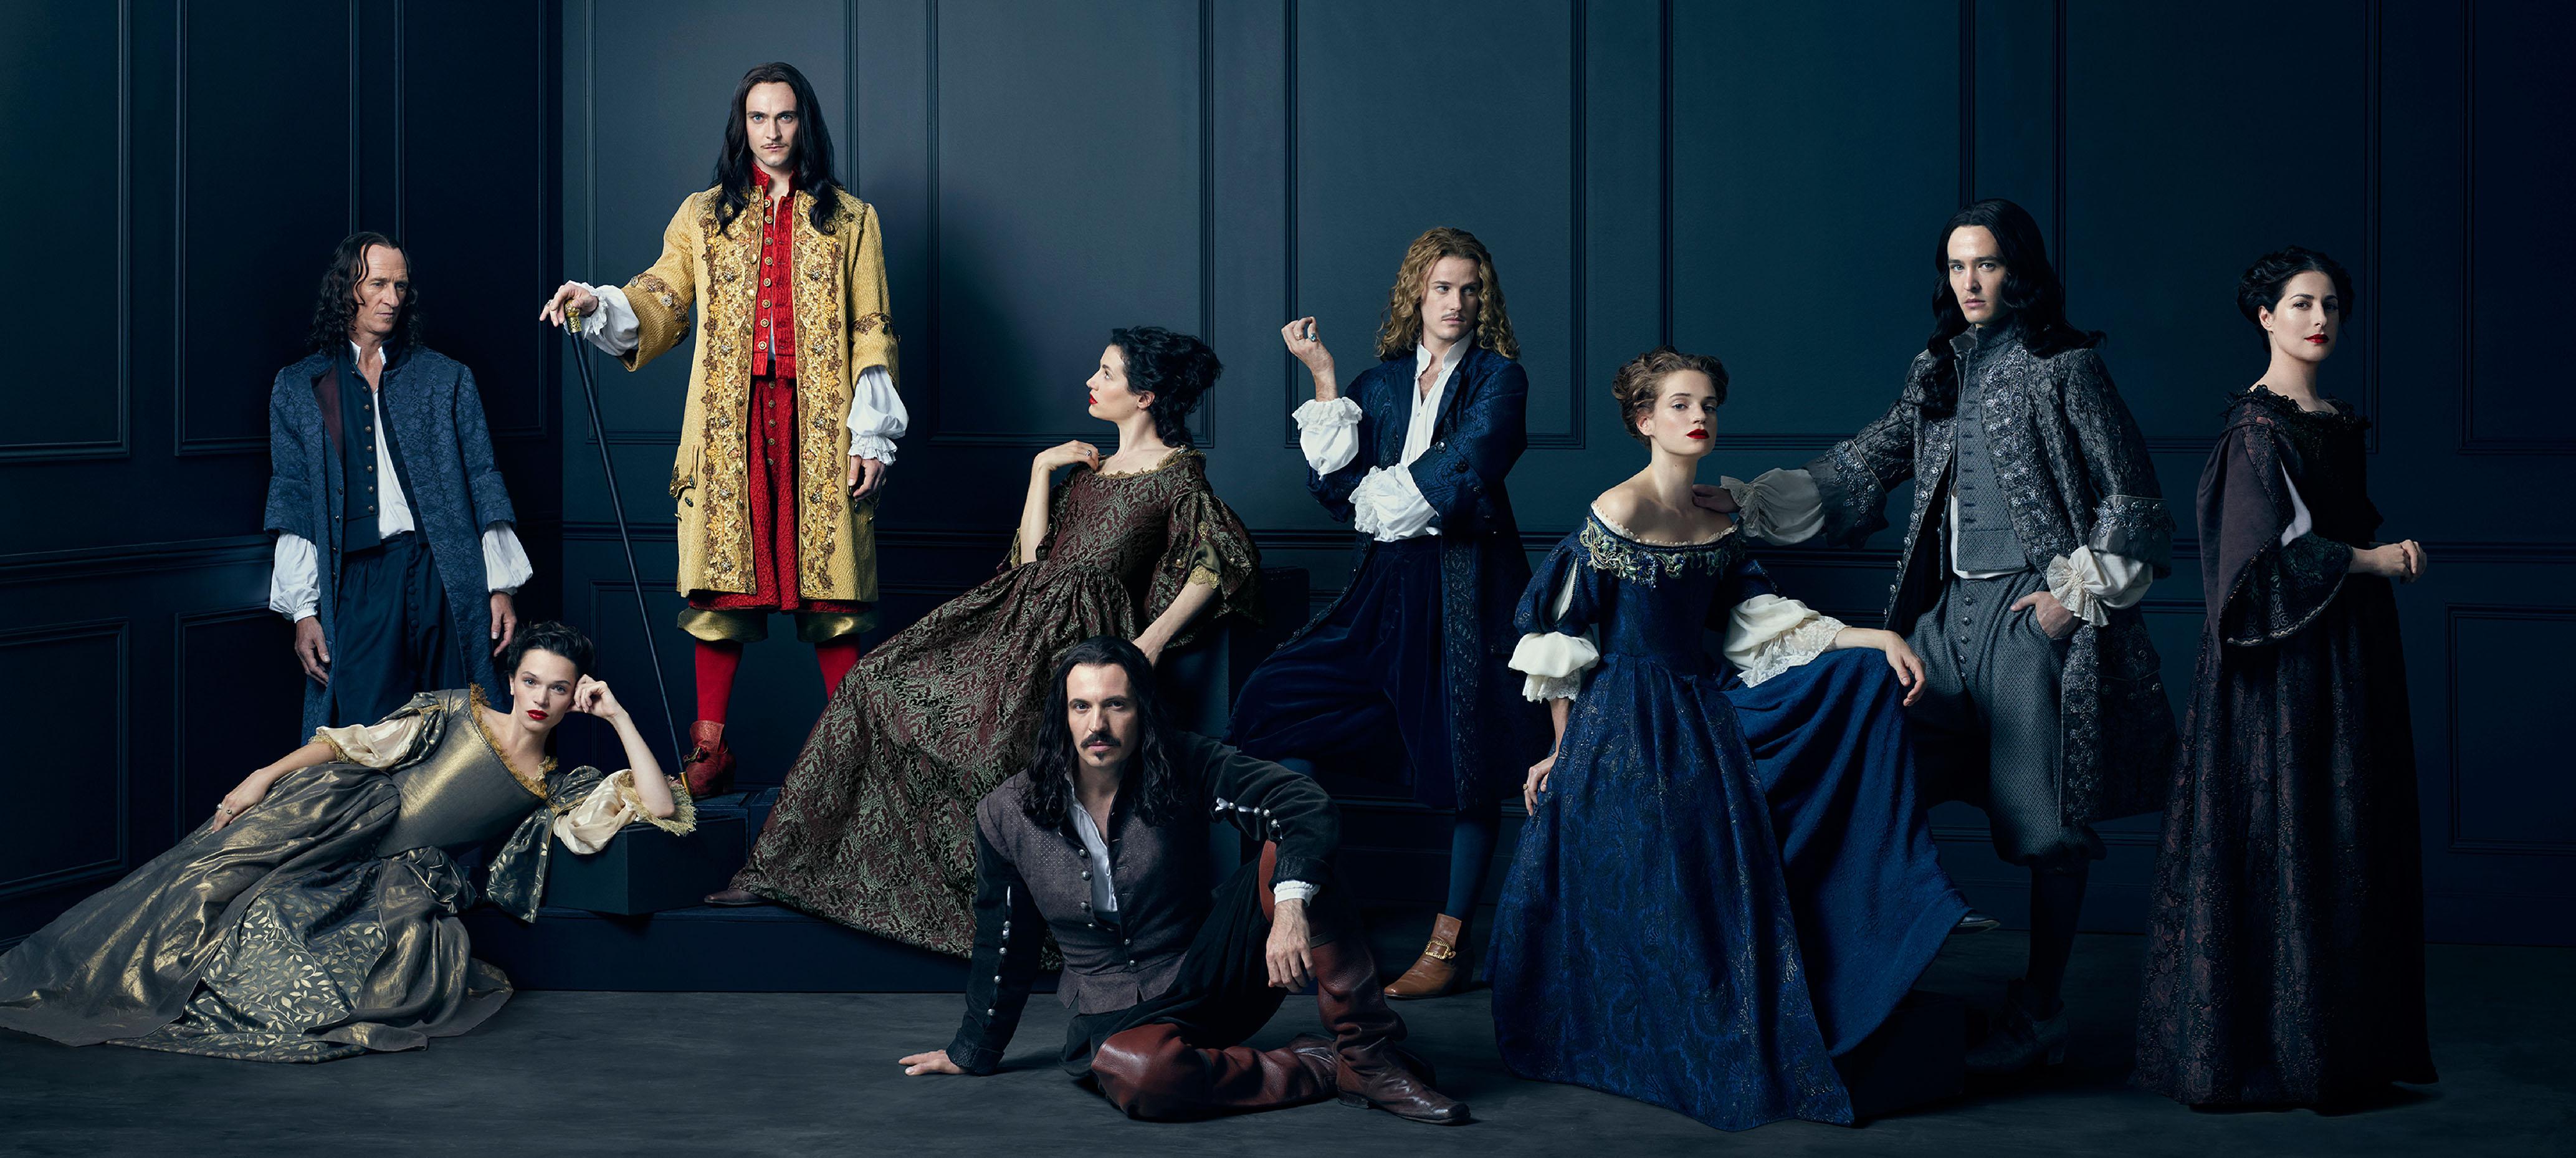 Versailles - Quelles séries commencer en 2016, nouvelles séries conseils blog lifestyle cinéma